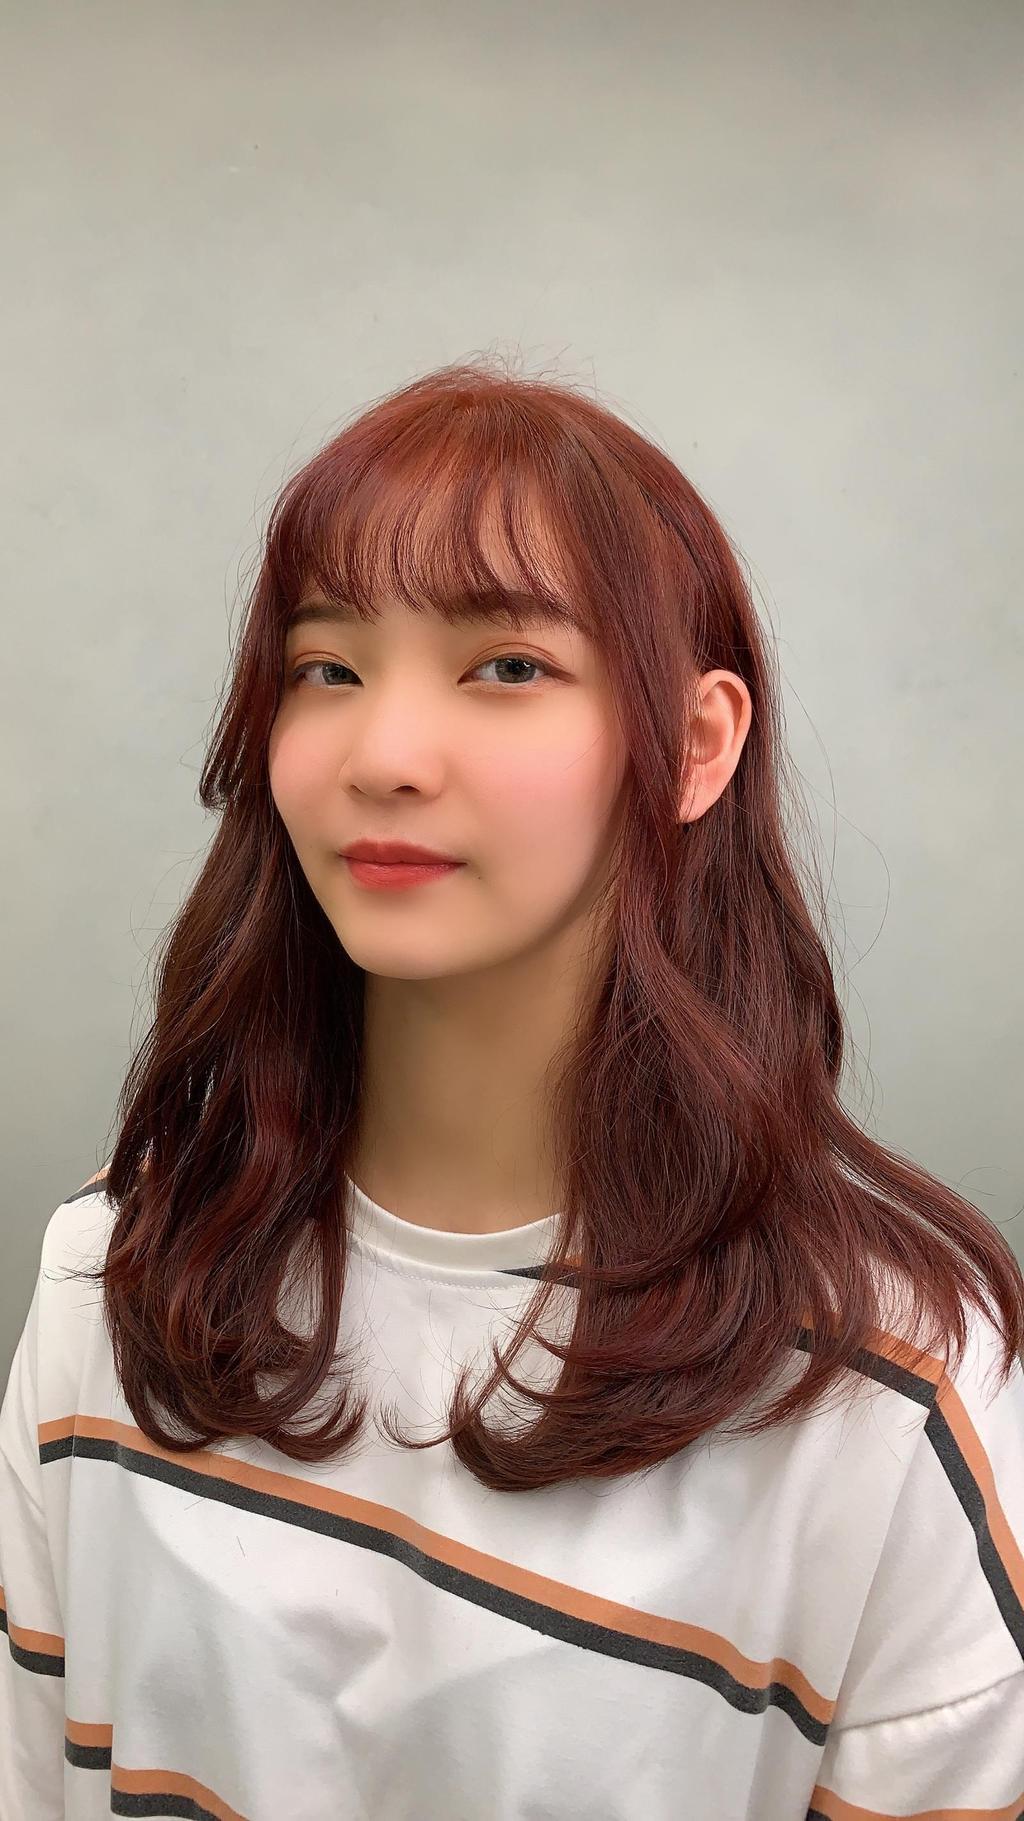 妝容精緻的韓系仙女小姐姐最適合溫柔自然的木馬捲